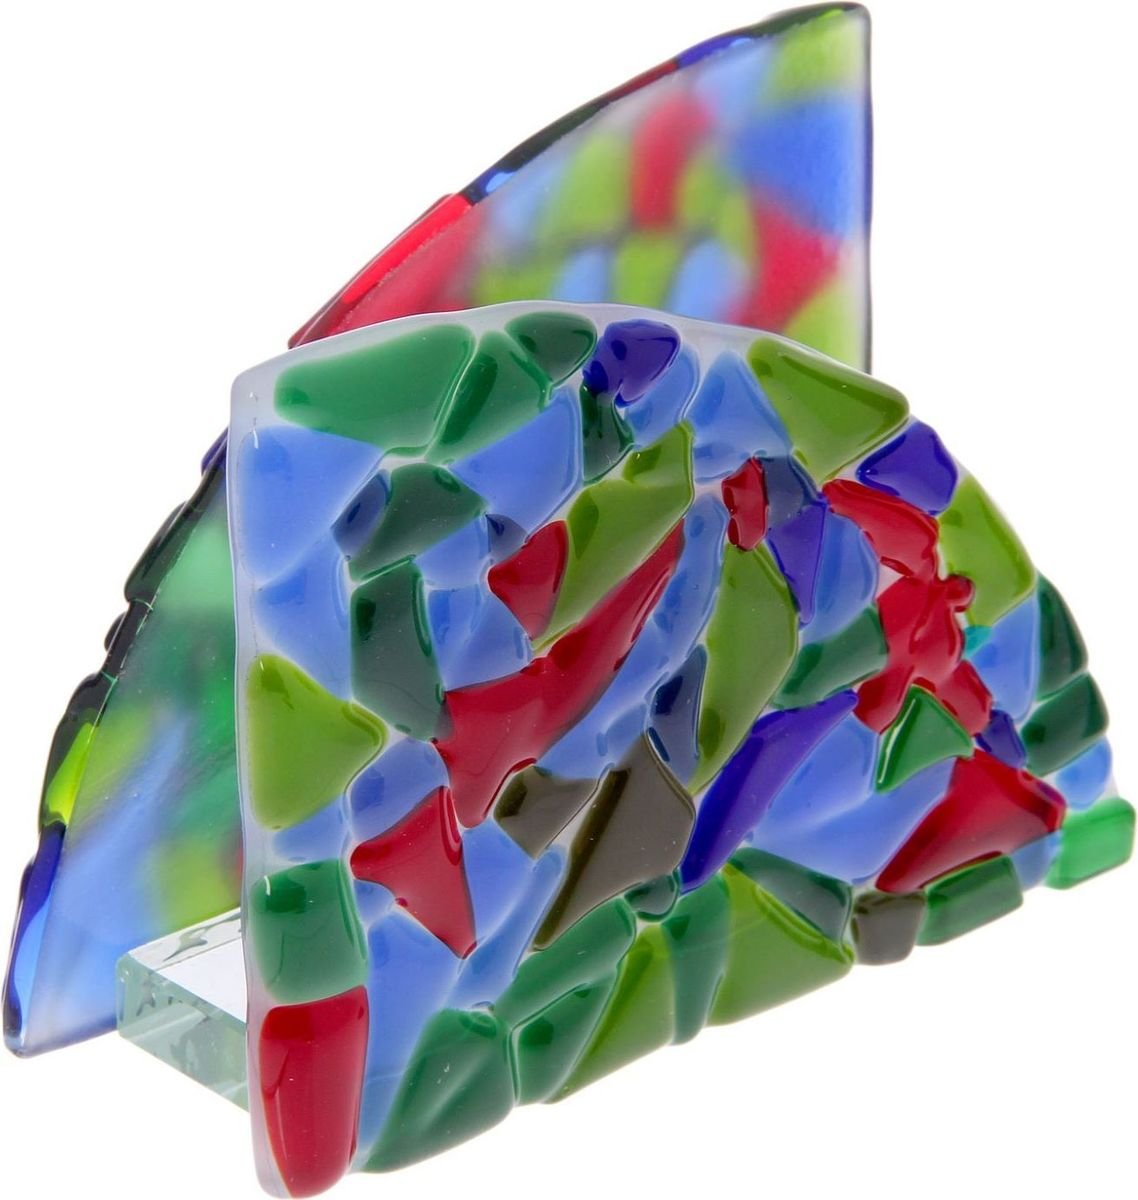 Салфетница декоративная Декостек Мозайка, 11 х 10 см. 22617652261765Салфетница изготовлена из цветного стекла, полученного методом фьюзинга — сплавлением материала при температуре более 800 градусов. Технология позволяет создавать витражи и различные вещи удивительной красоты. Этот предмет сервировки сделает трапезу запоминающейся и подарит гостям ощущение заботы об их комфорте.